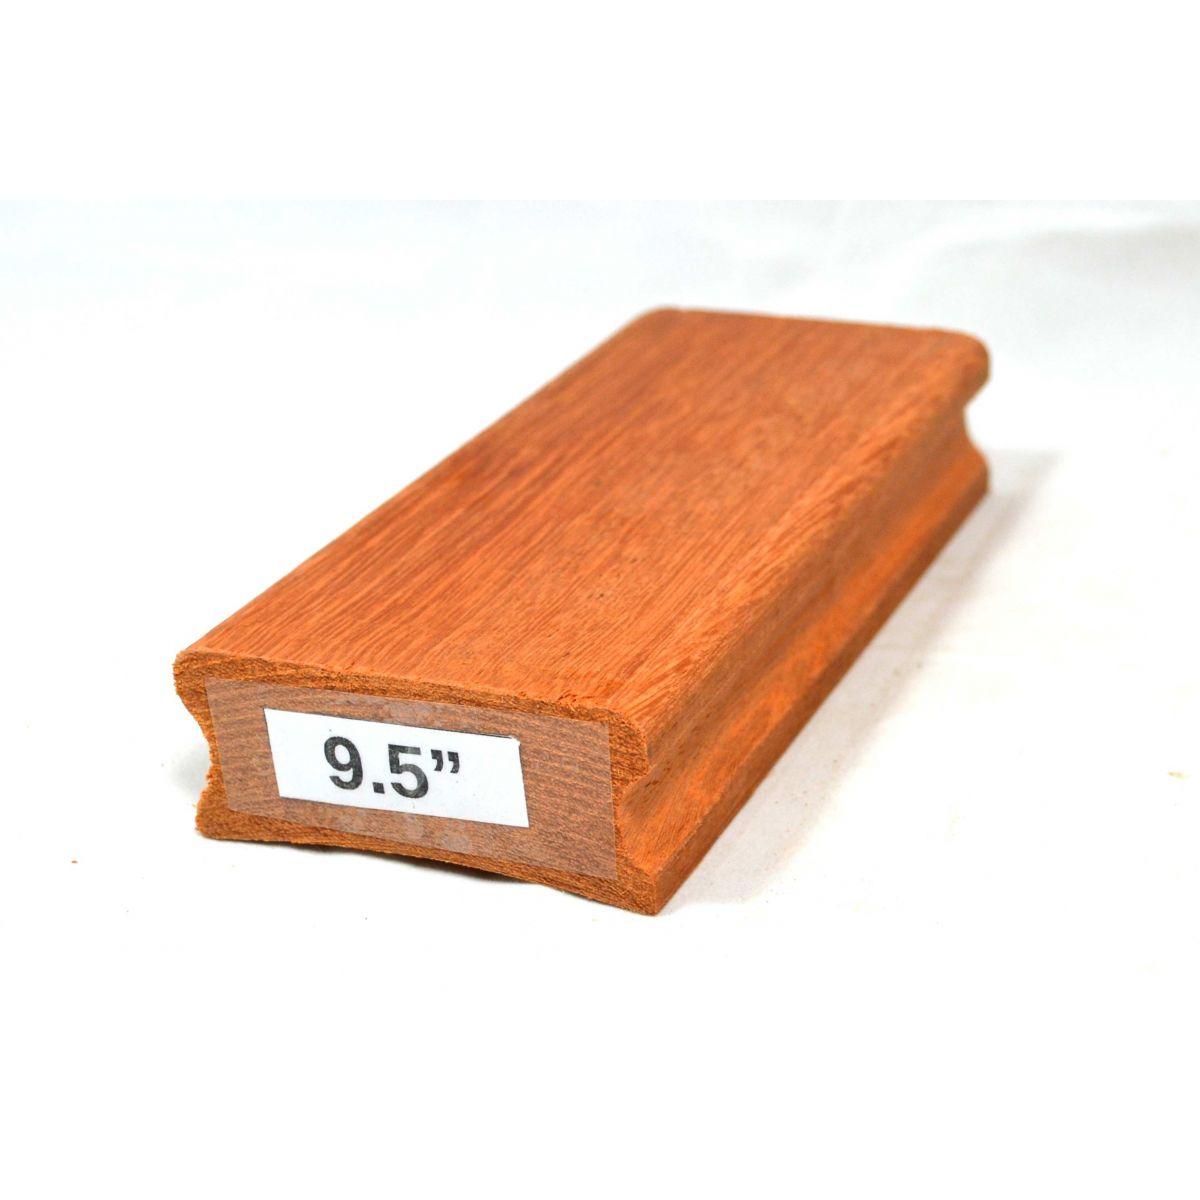 """Taco de raiar escala (unidade) com o raio de 9,5"""" (16cm x 7,5cm)  - Luthieria Brasil"""